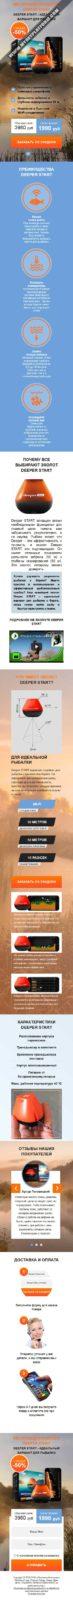 Скриншот Готового лендинга Deeper Start - беспроводный эхолот 001 - моб